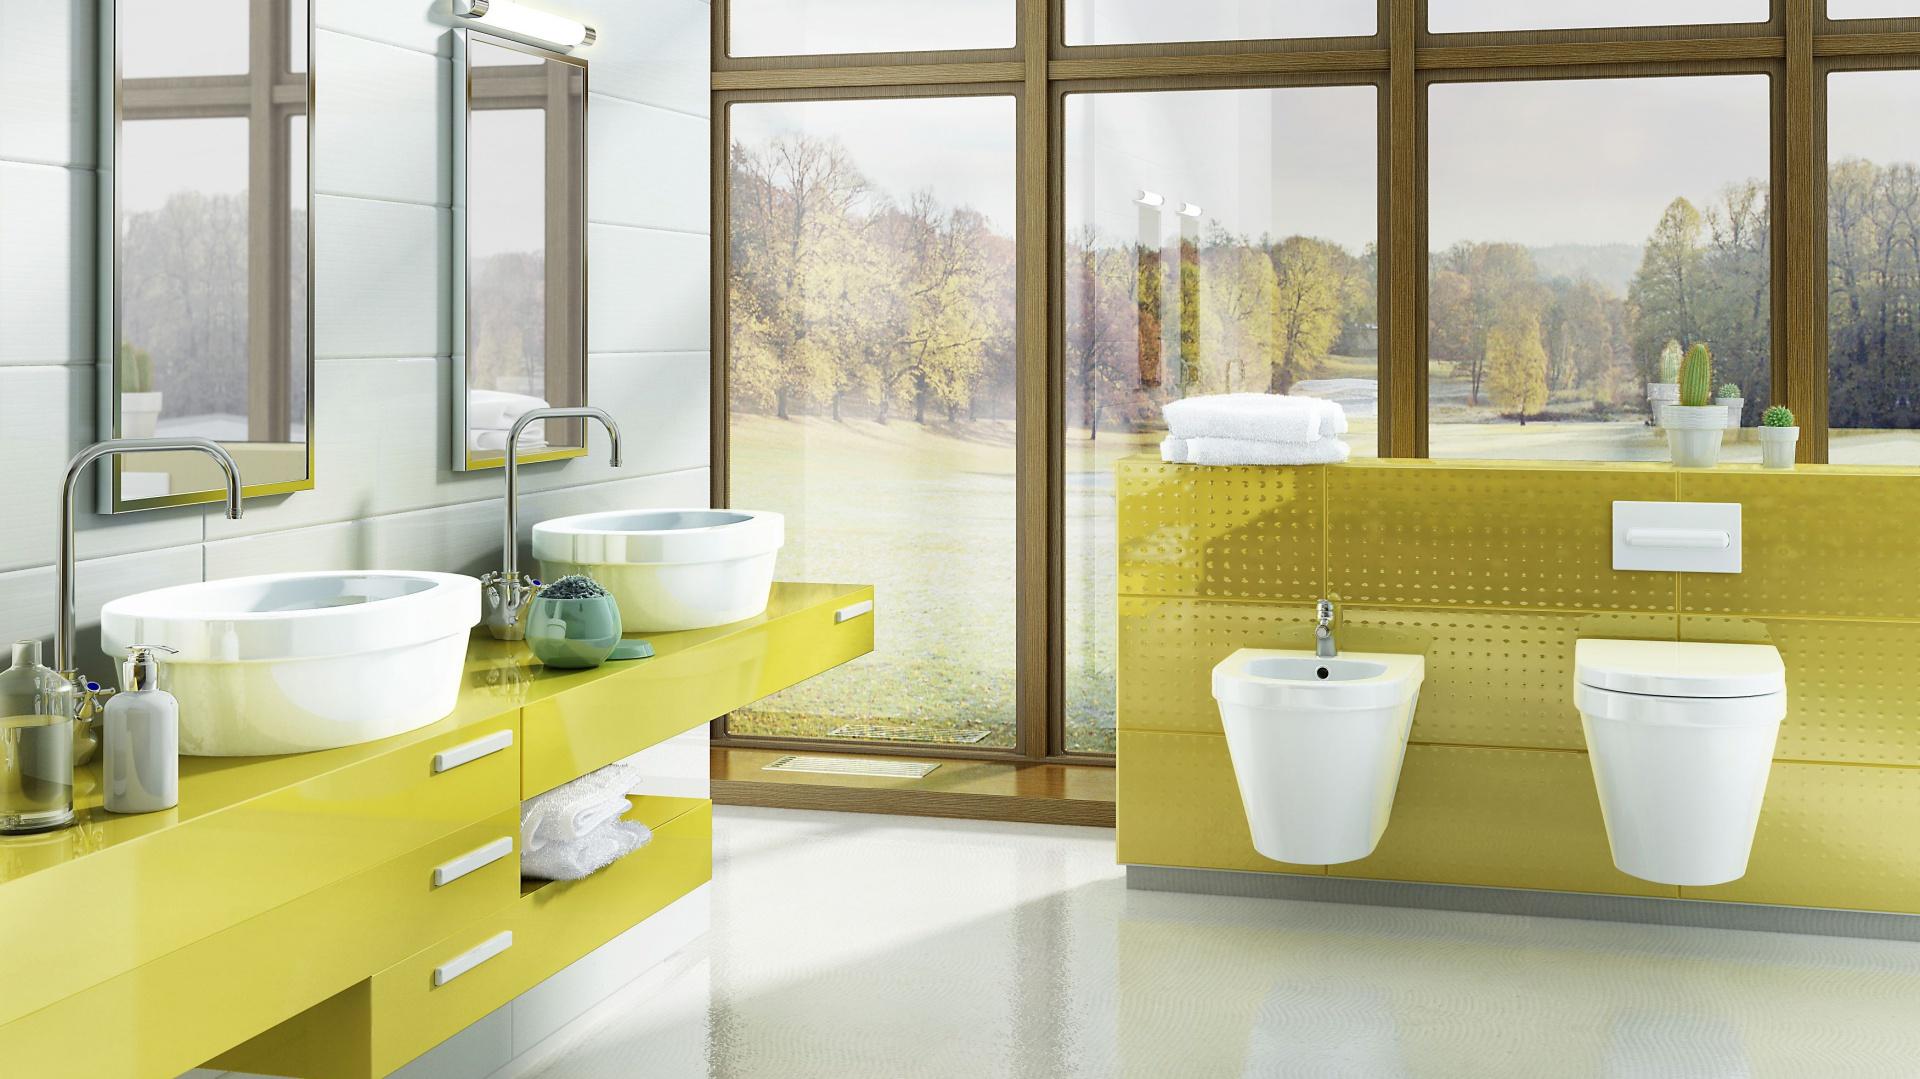 Zestaw mebli do łazienki Benque firmy Hybner wykonano z płyty lakierowanej na wysoki połysk w soczystym, seledynowym kolorze. Fot. Hybner.